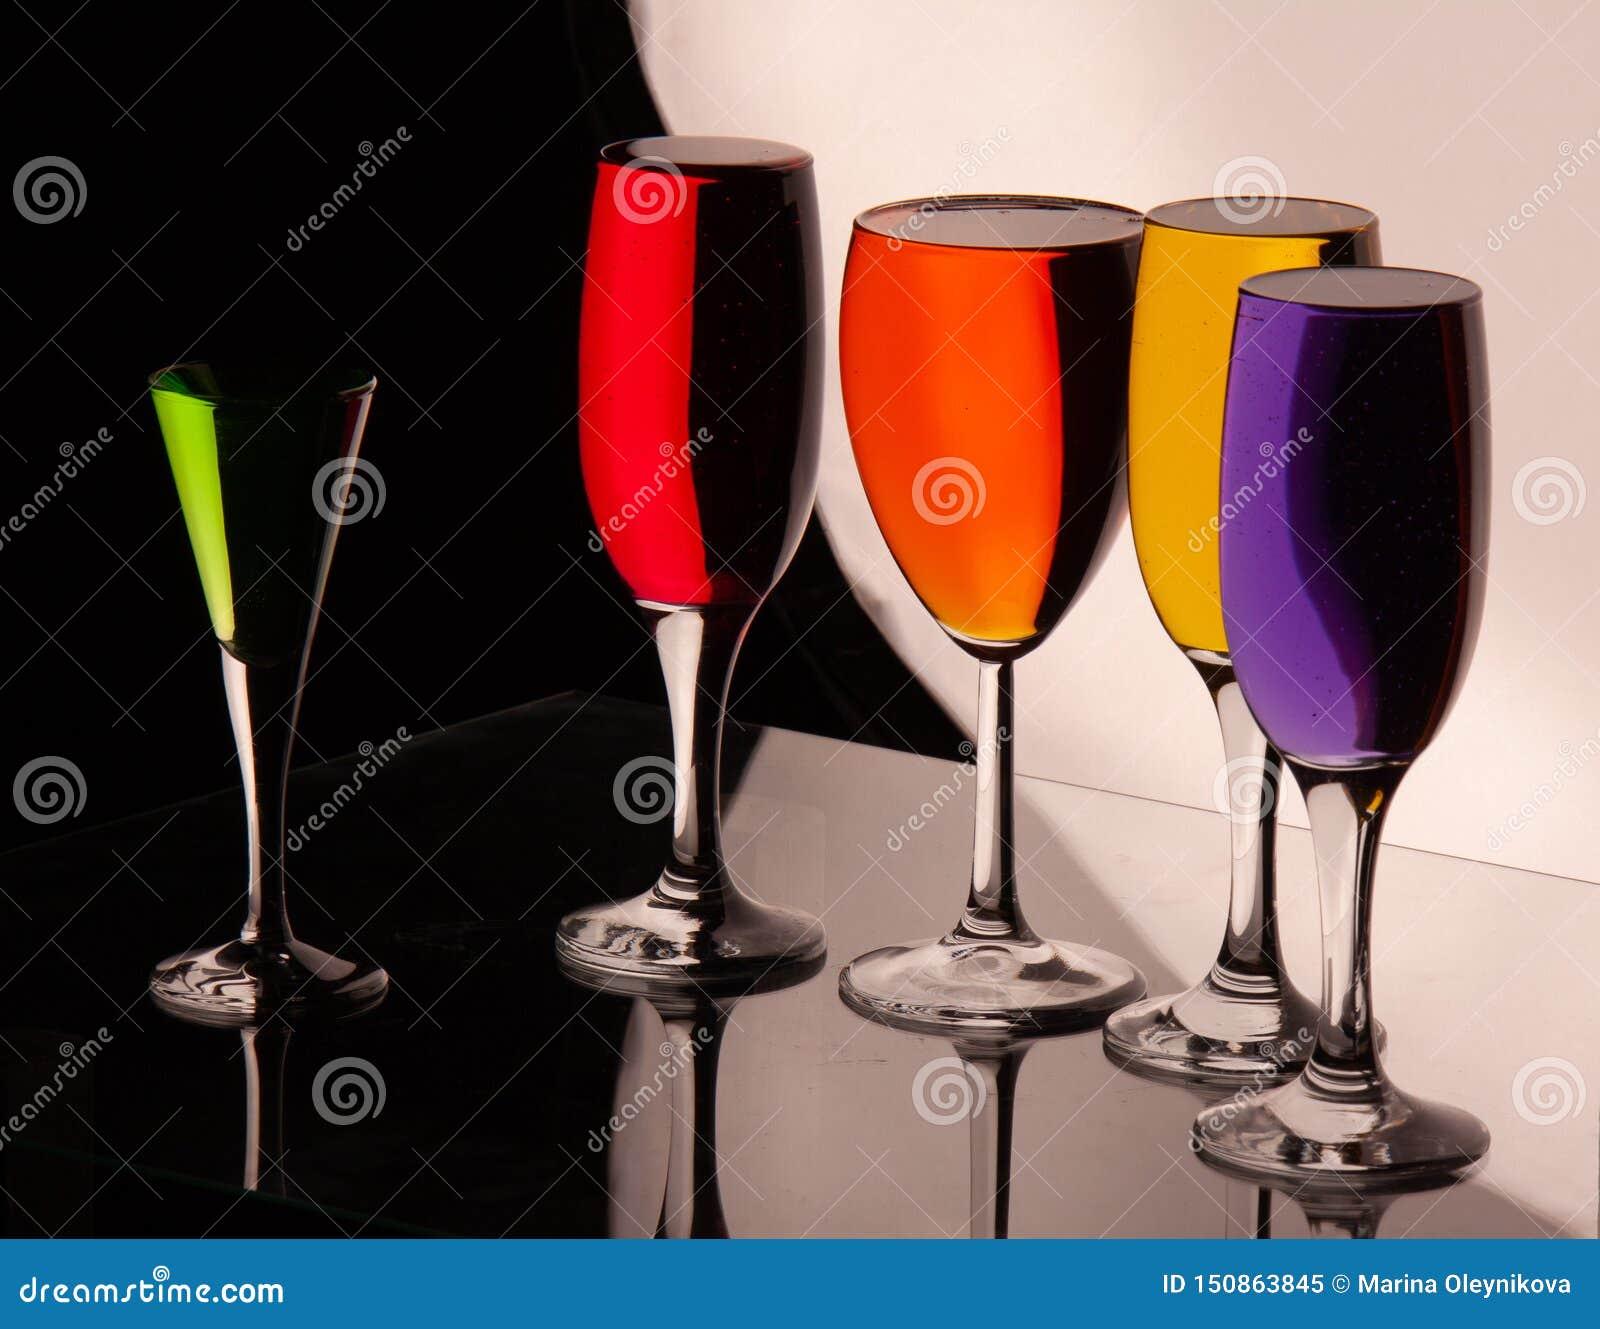 Glasses with multi-colored liquid